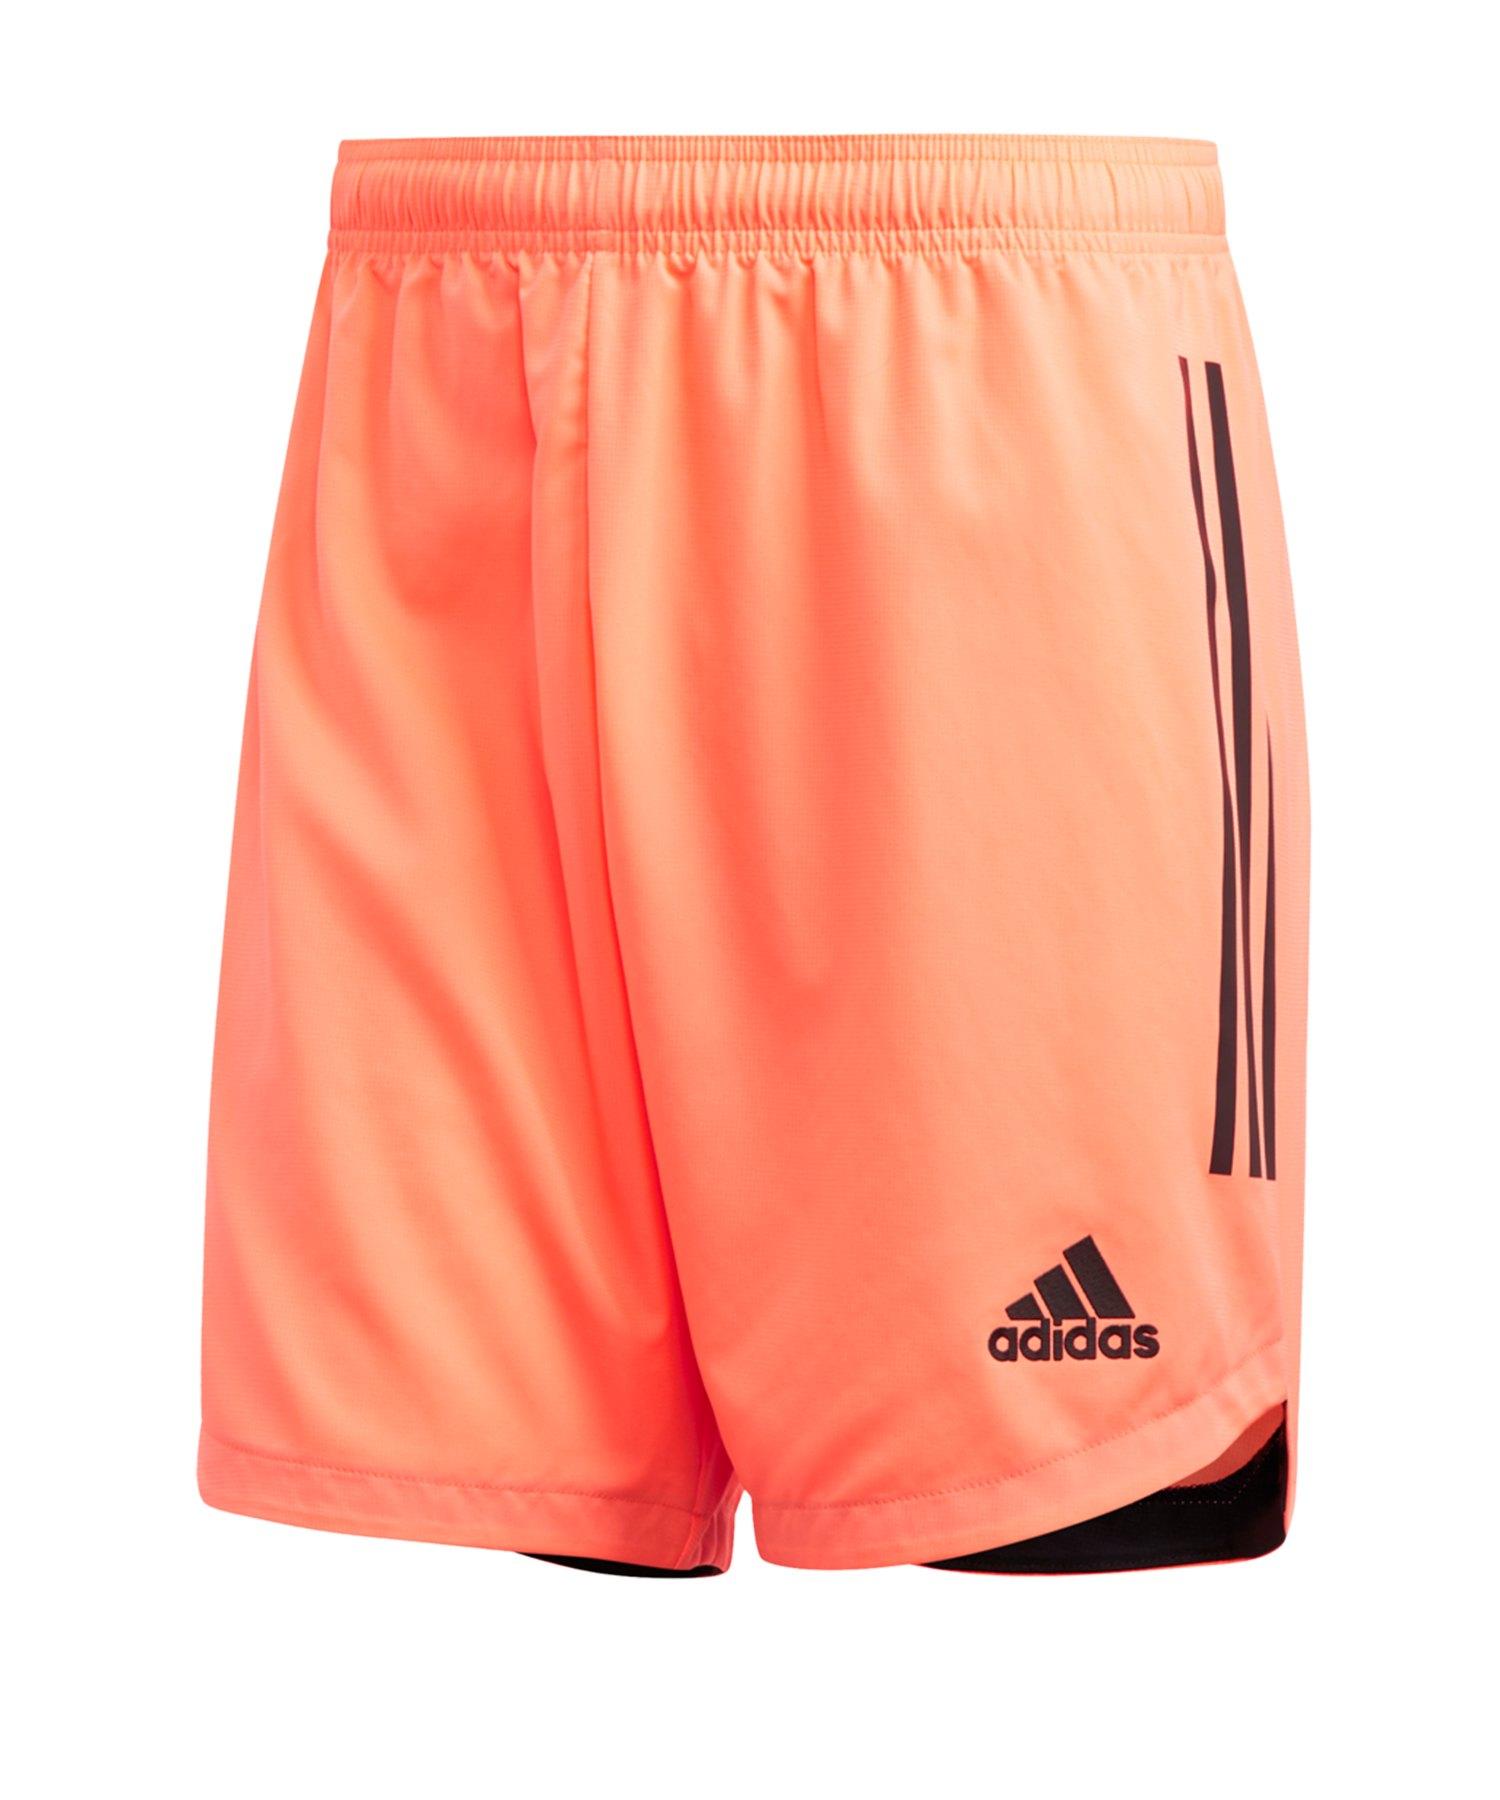 adidas Condivo 20 Short Orange Schwarz - orange